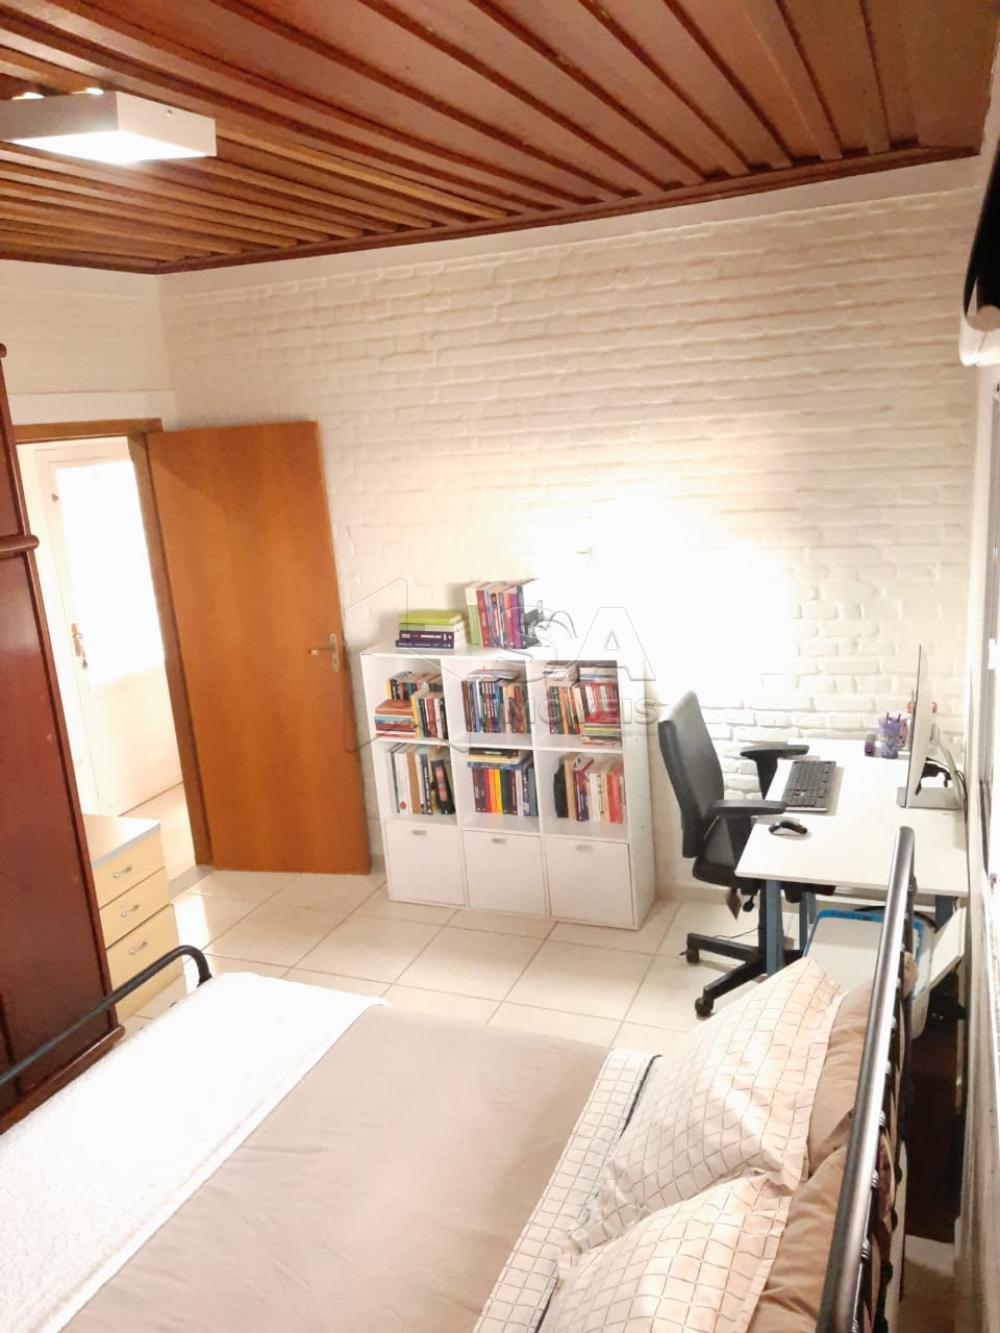 Comprar Casa / Padrão em Botucatu apenas R$ 370.000,00 - Foto 17